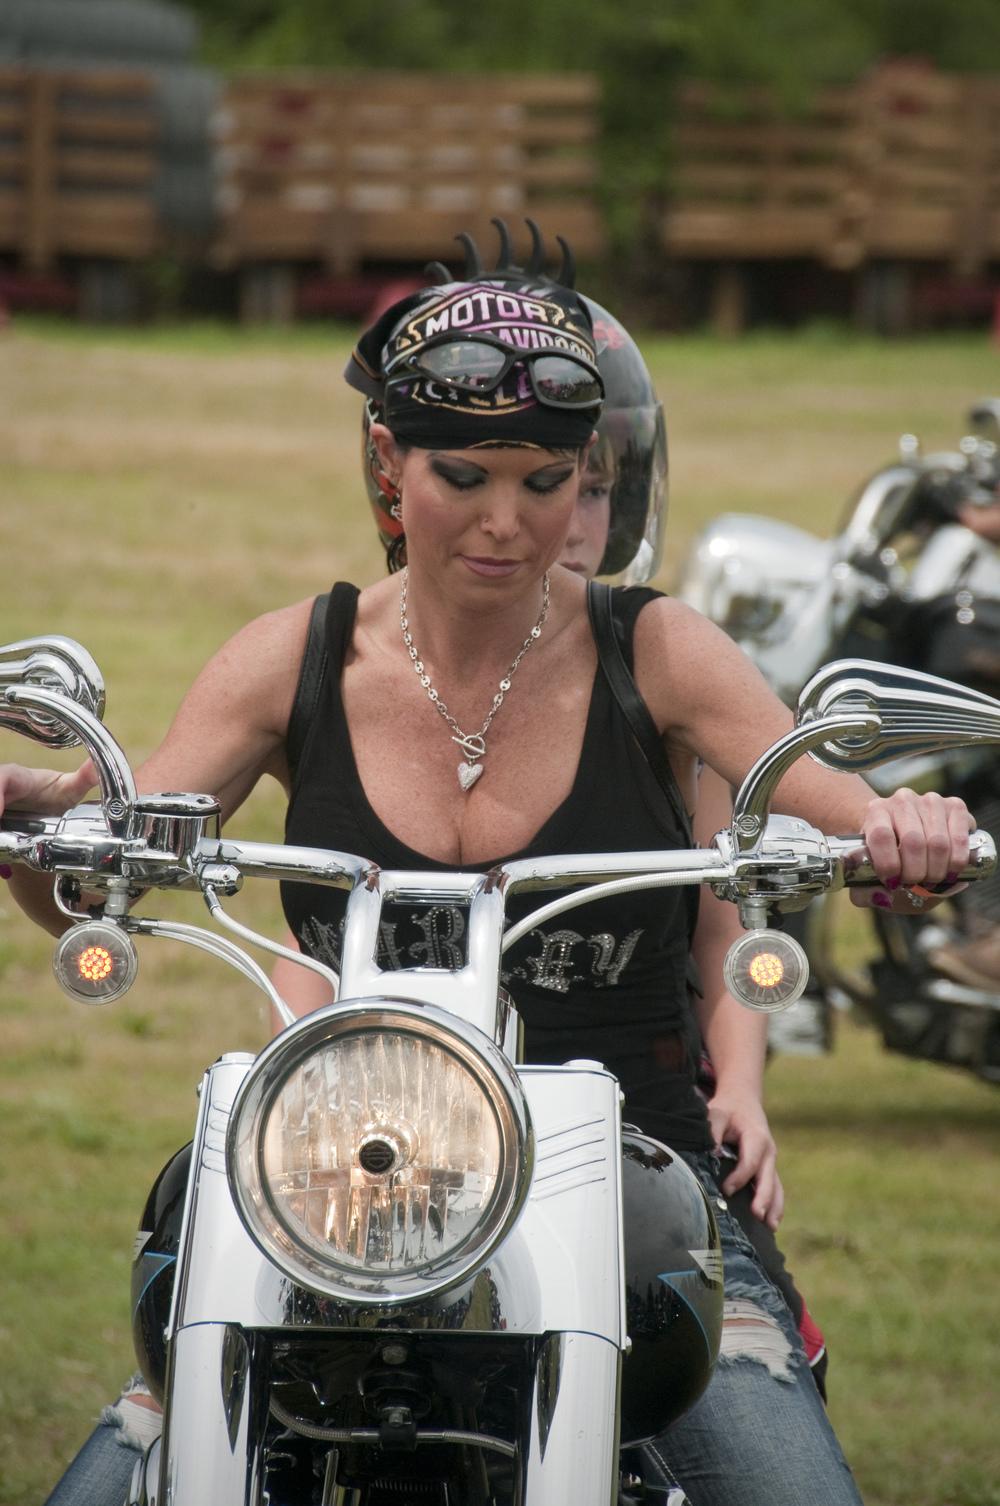 Sexy bike chick